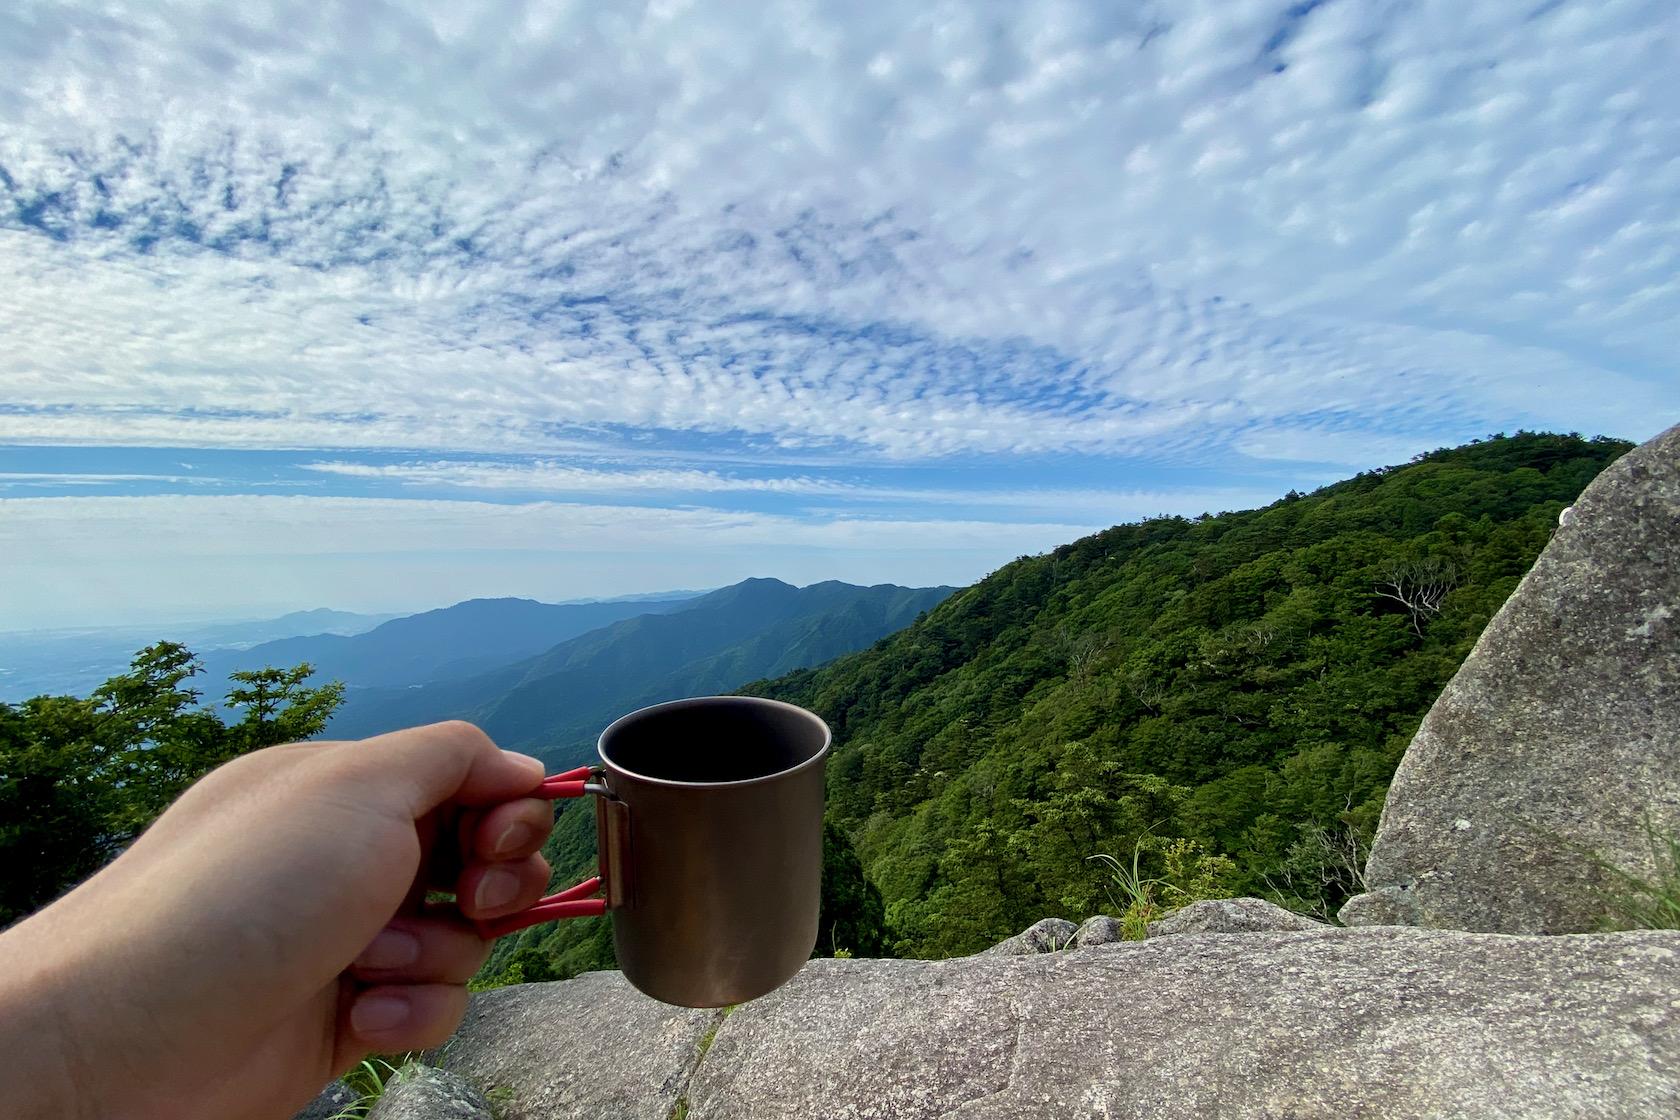 宝満山山頂で歩いてきた山並みを眺めながらコーヒー